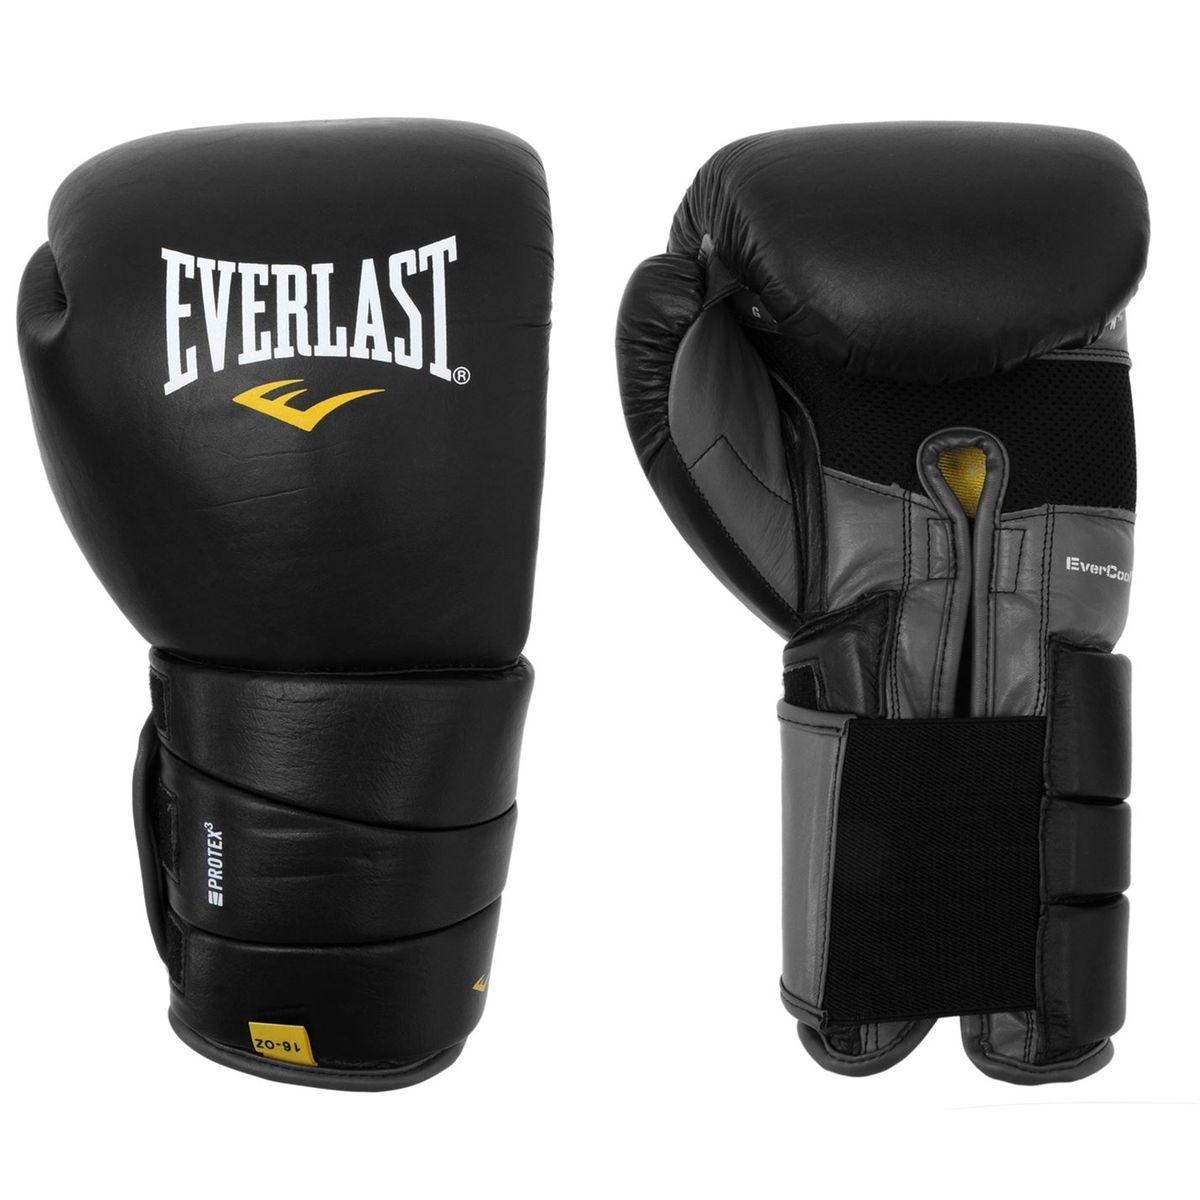 Cuir Pro 3 Gants de boxe